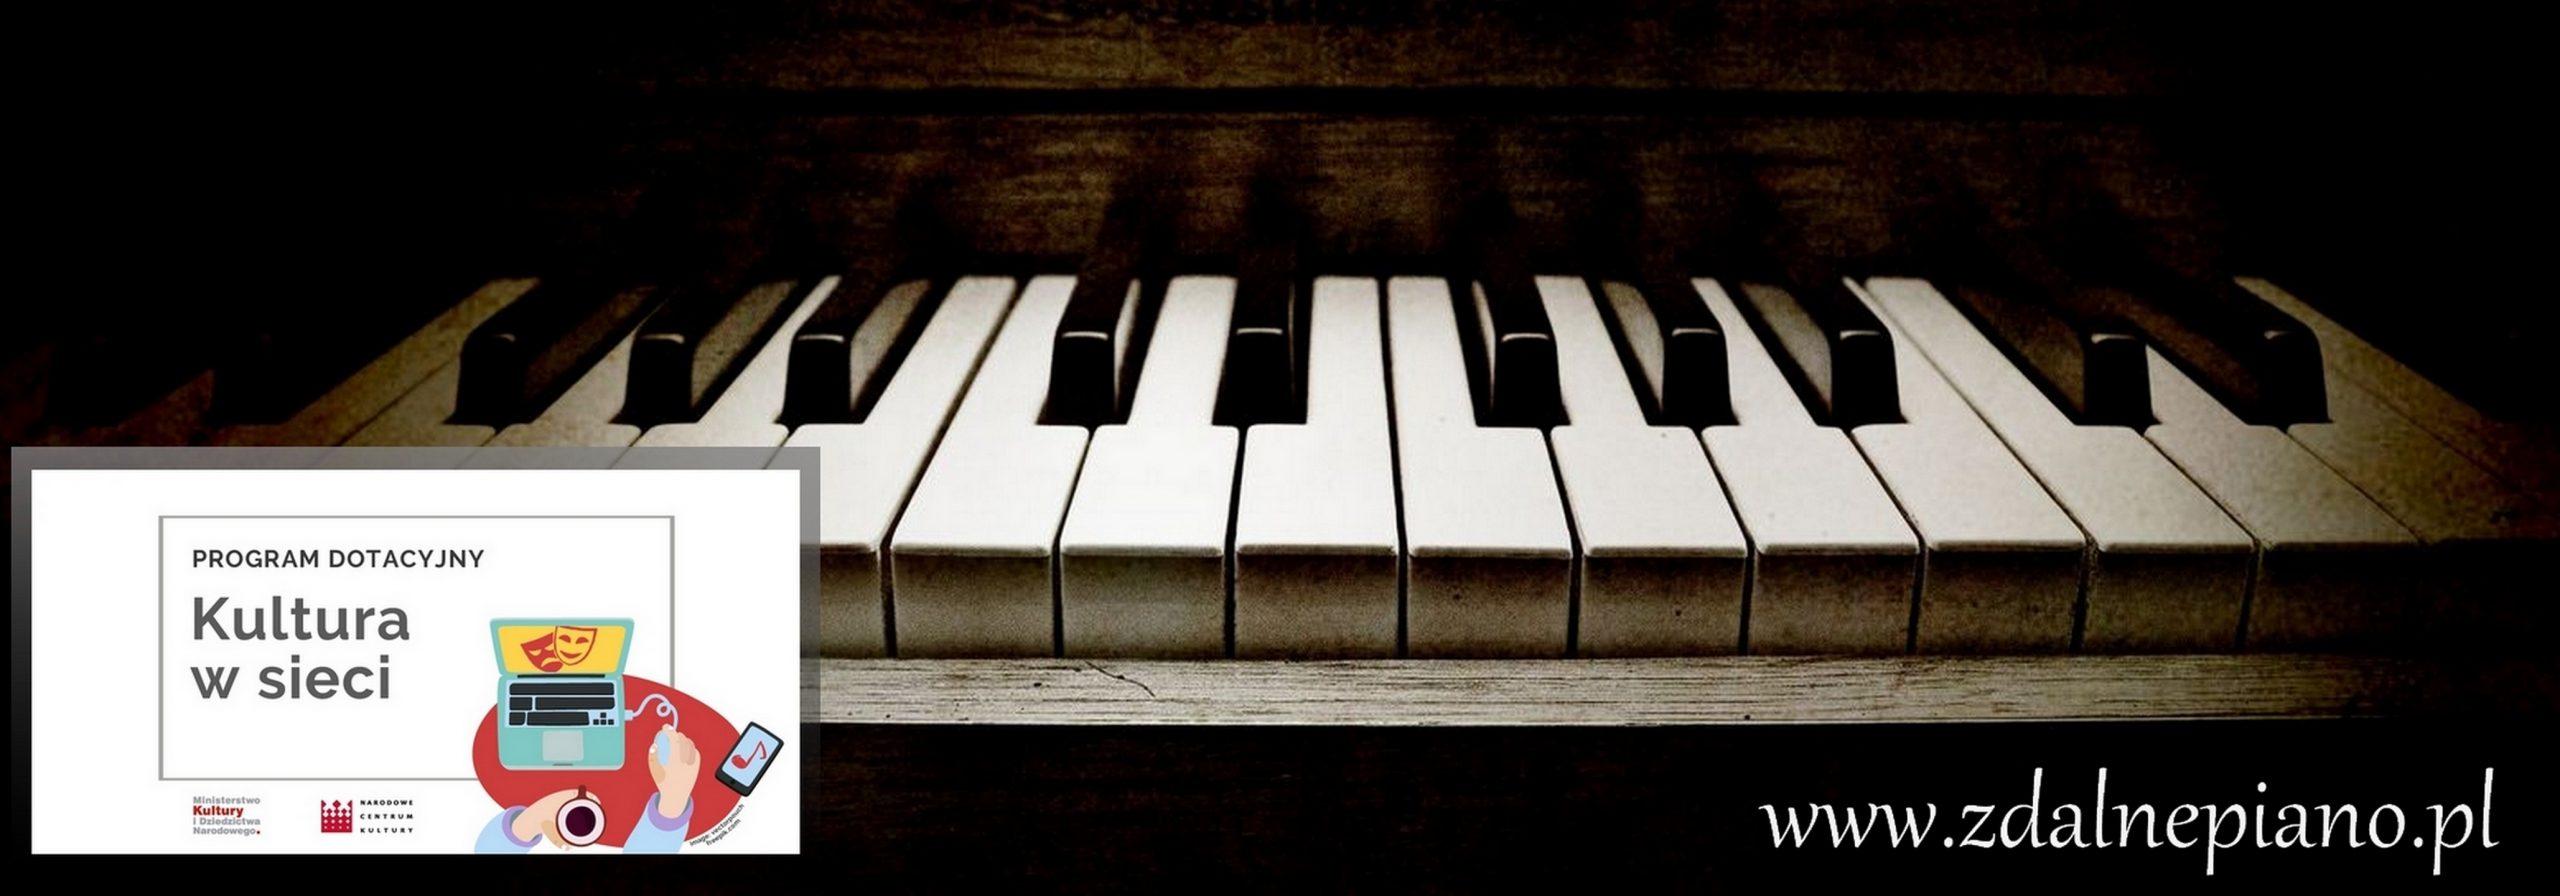 Zdalne Piano - koncerty i zajęcia piano w internecie #kulturawsieci